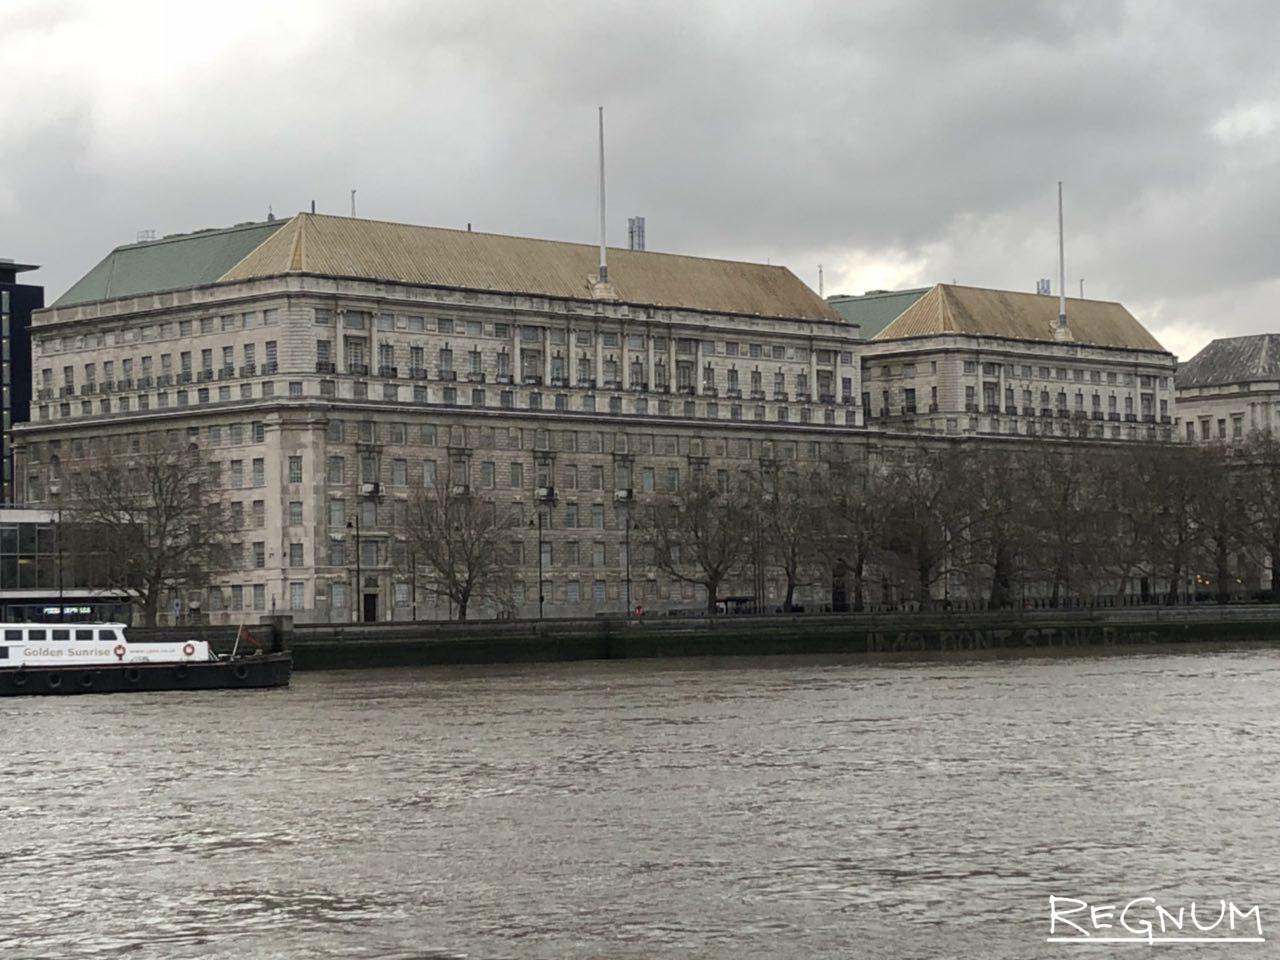 Здание Службы безопасности (MI5), Лондон, Великобритания